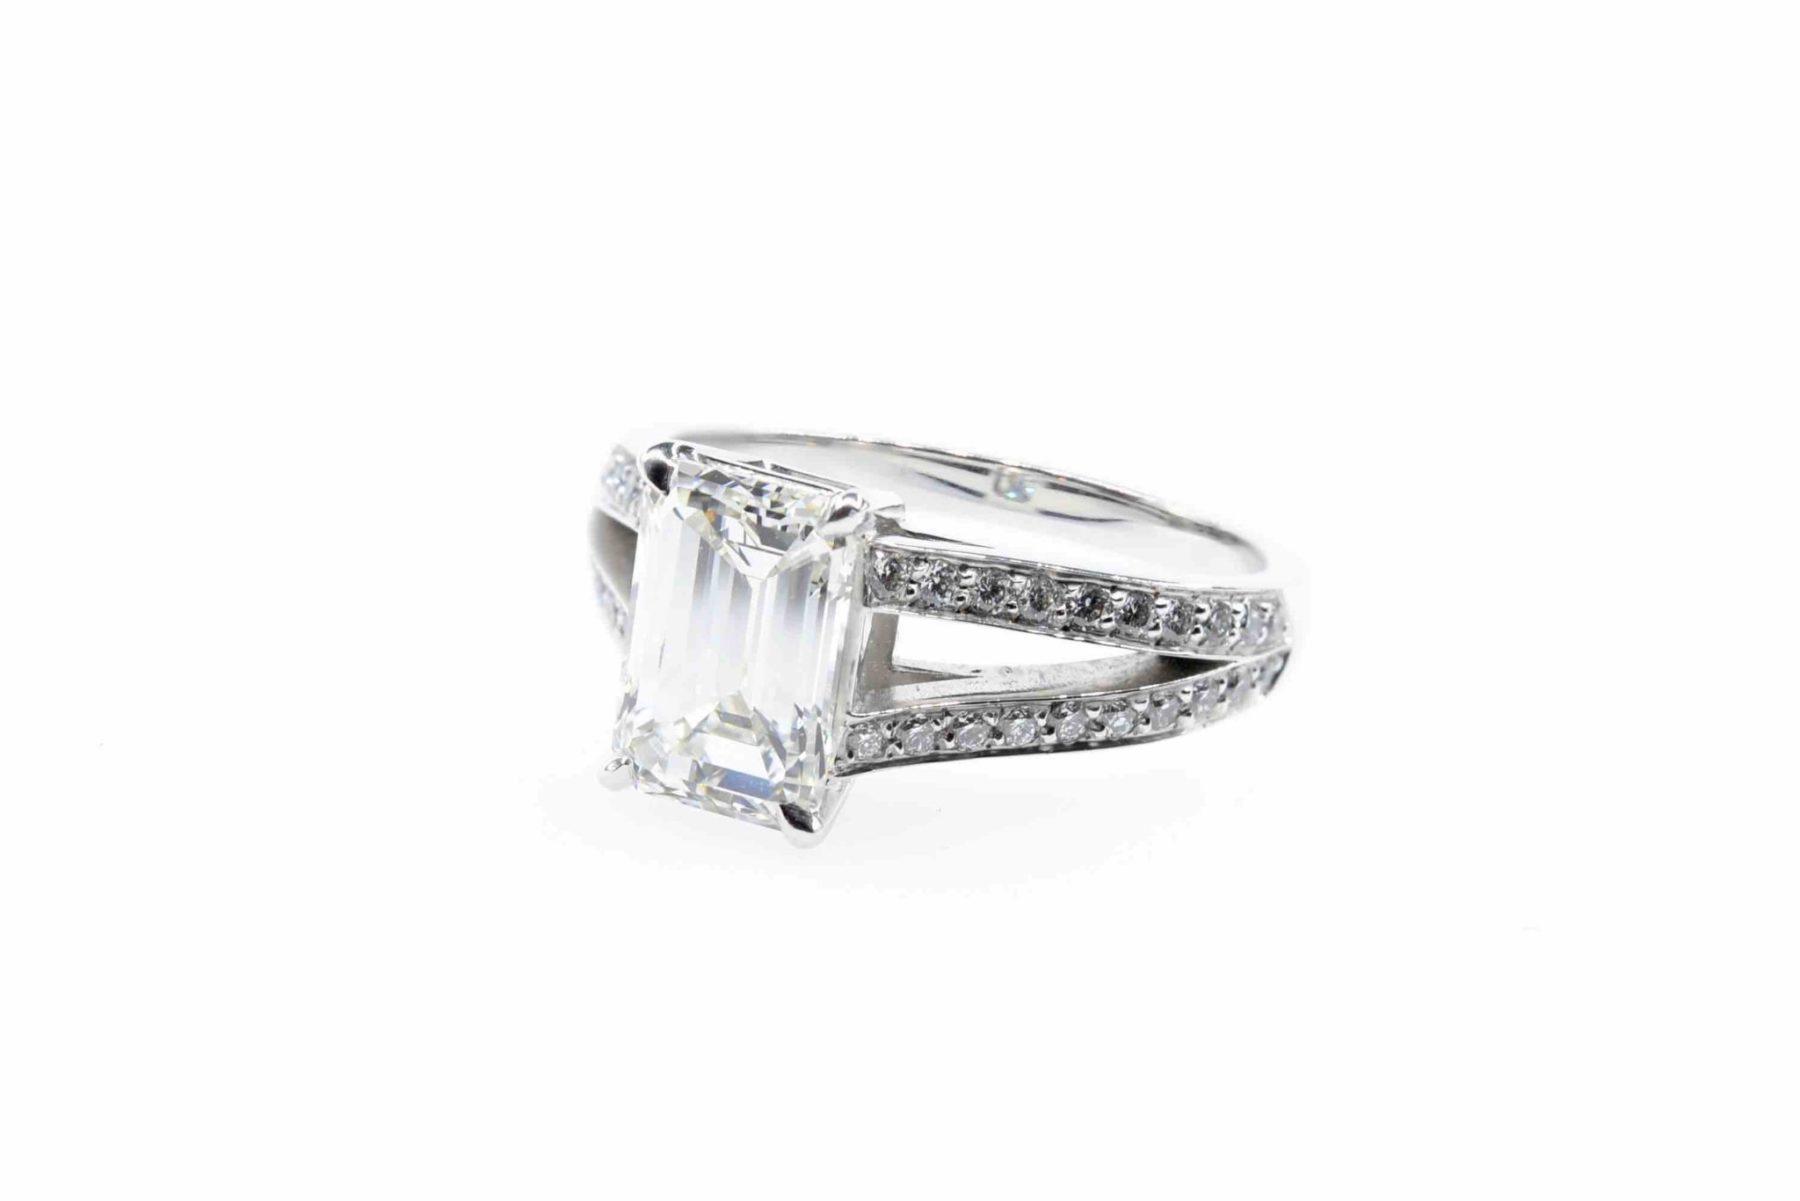 Bague diamant de taille émeraude en or blanc 18k